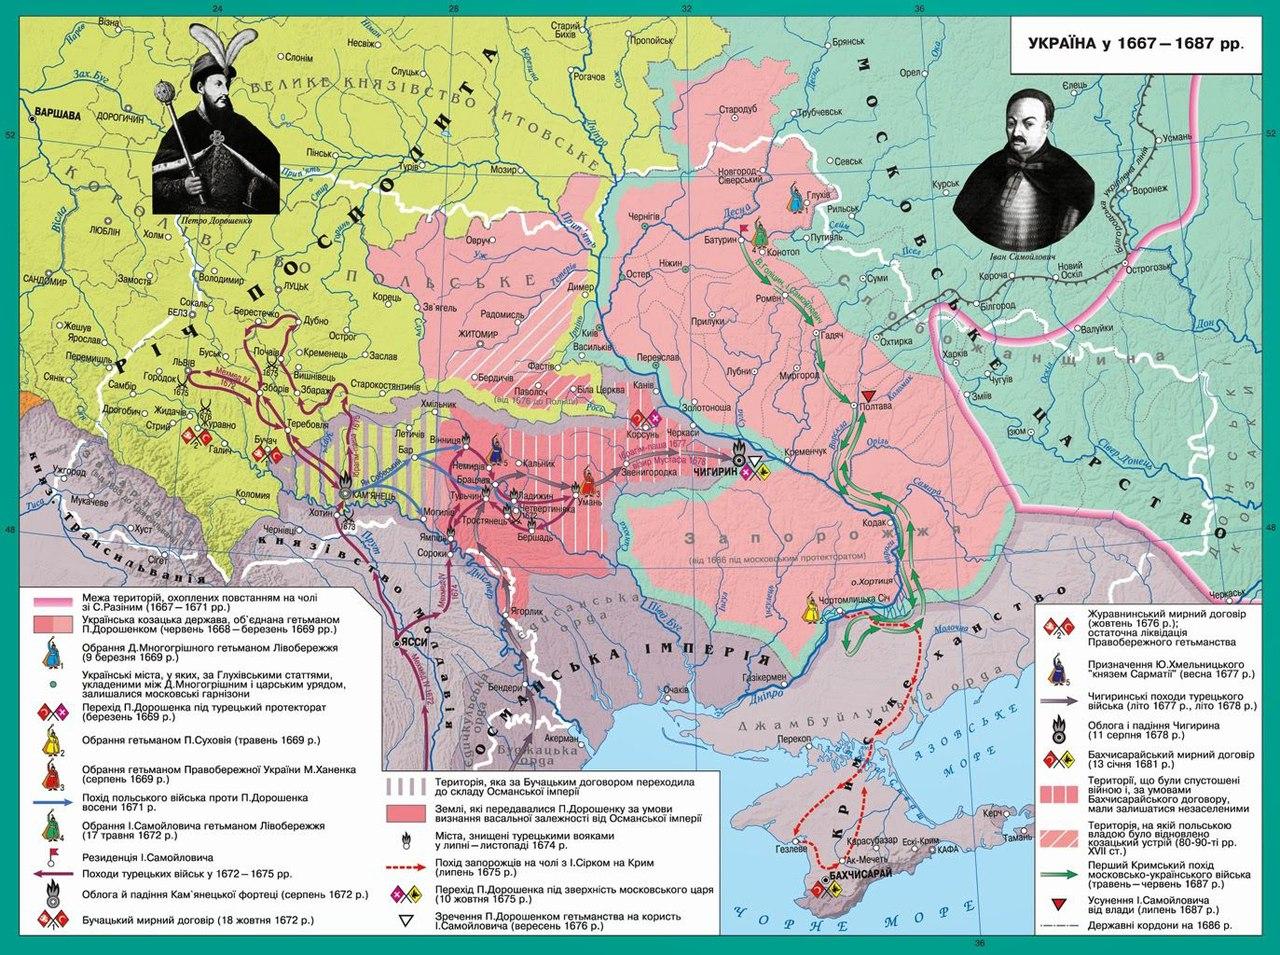 господарство лівобережної україни за часів гетьманщини опасность представляет